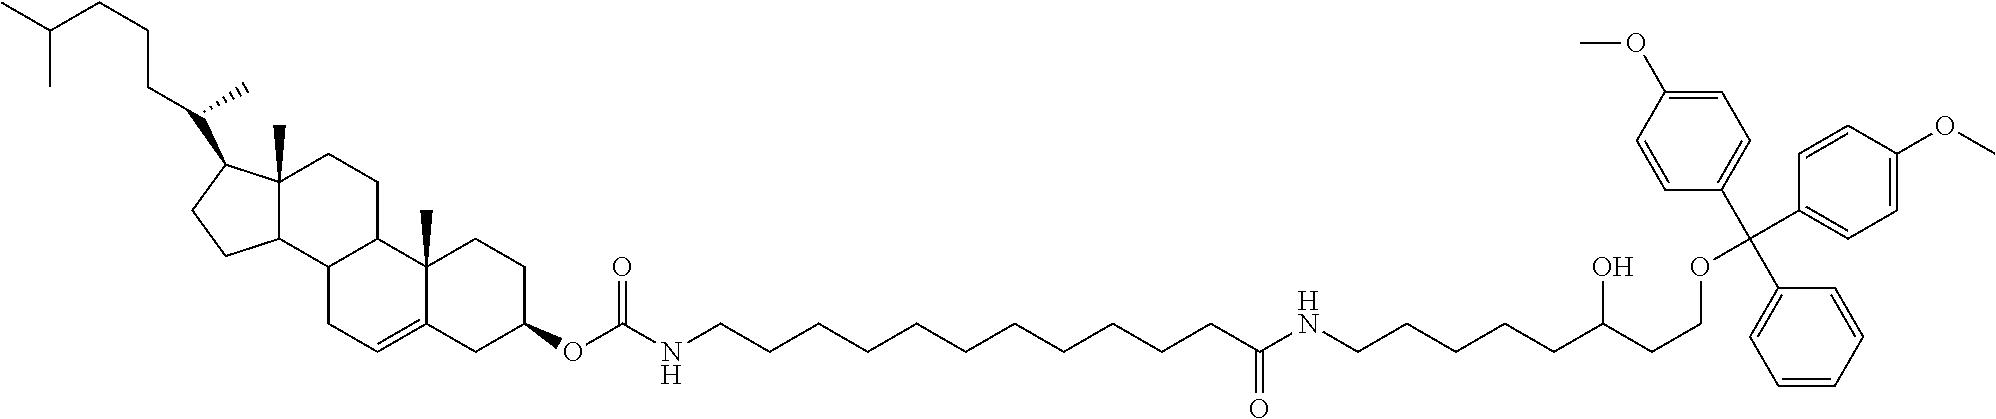 Figure US08252755-20120828-C00023